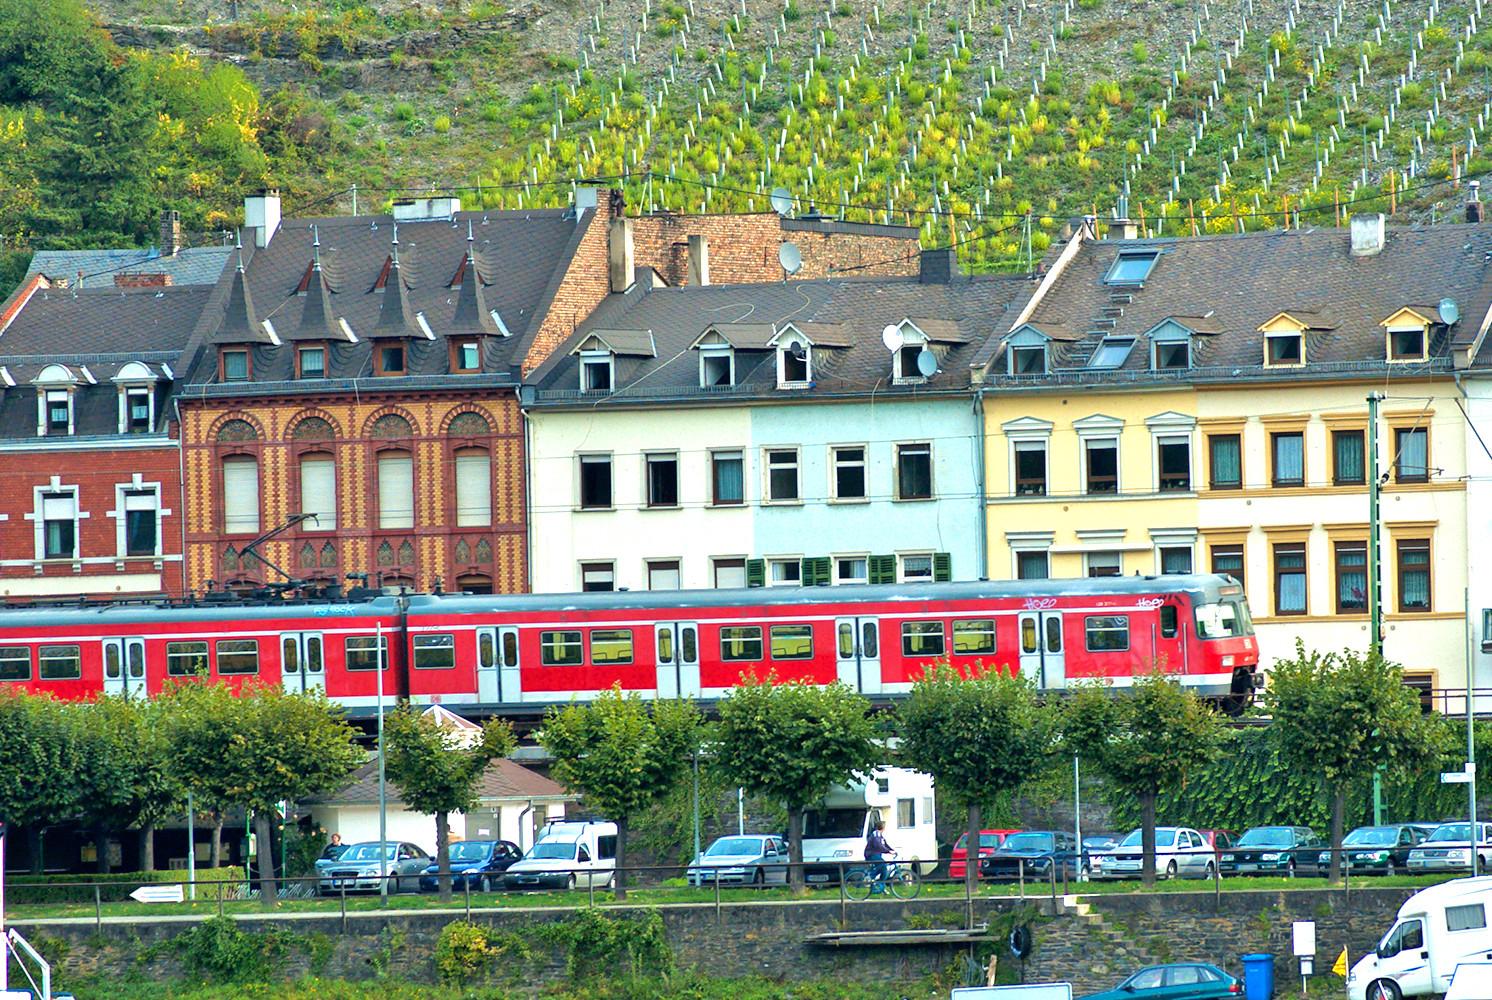 afi-auktionshaus-fuer-immobilien-immobilienmakler-kaufen-verkaufen-auktionen-bergisch-gladbach-immobilienverkauf-immobilienauktionen-laute-lage